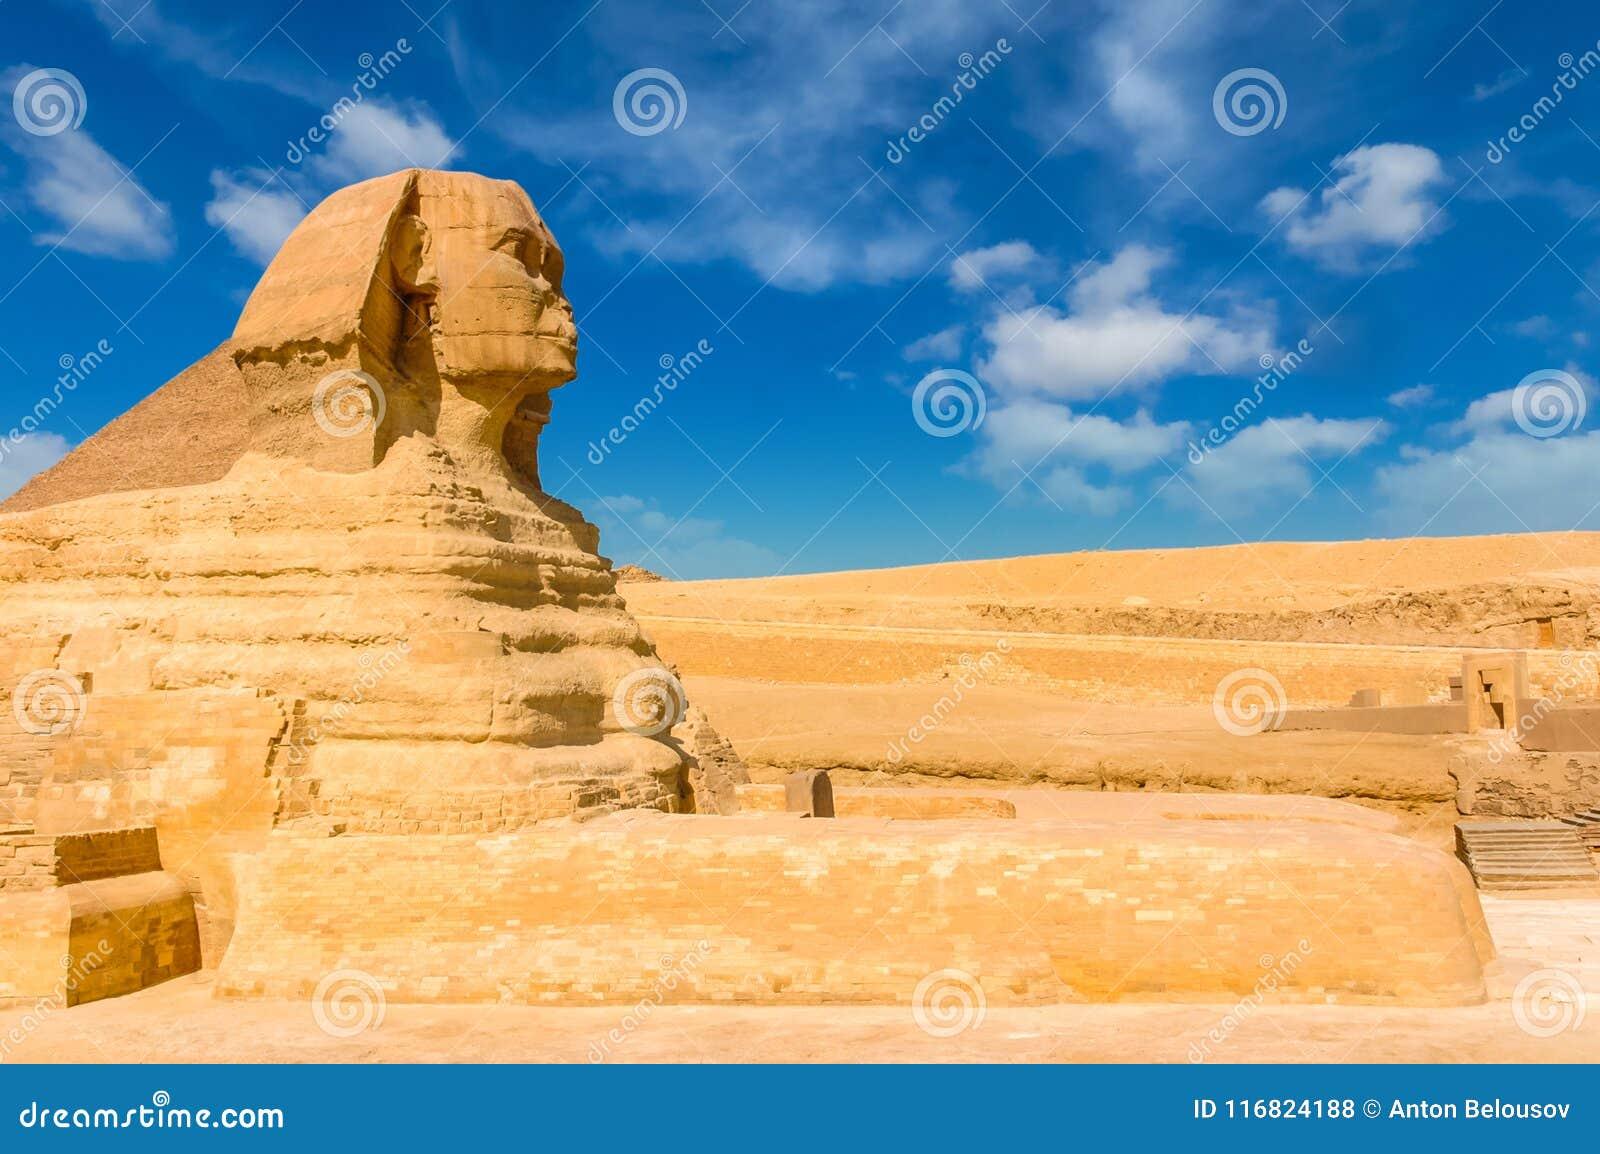 Ägyptische Sphinx kairo giza Egypt Mehr in meinem Portefeuille Architec